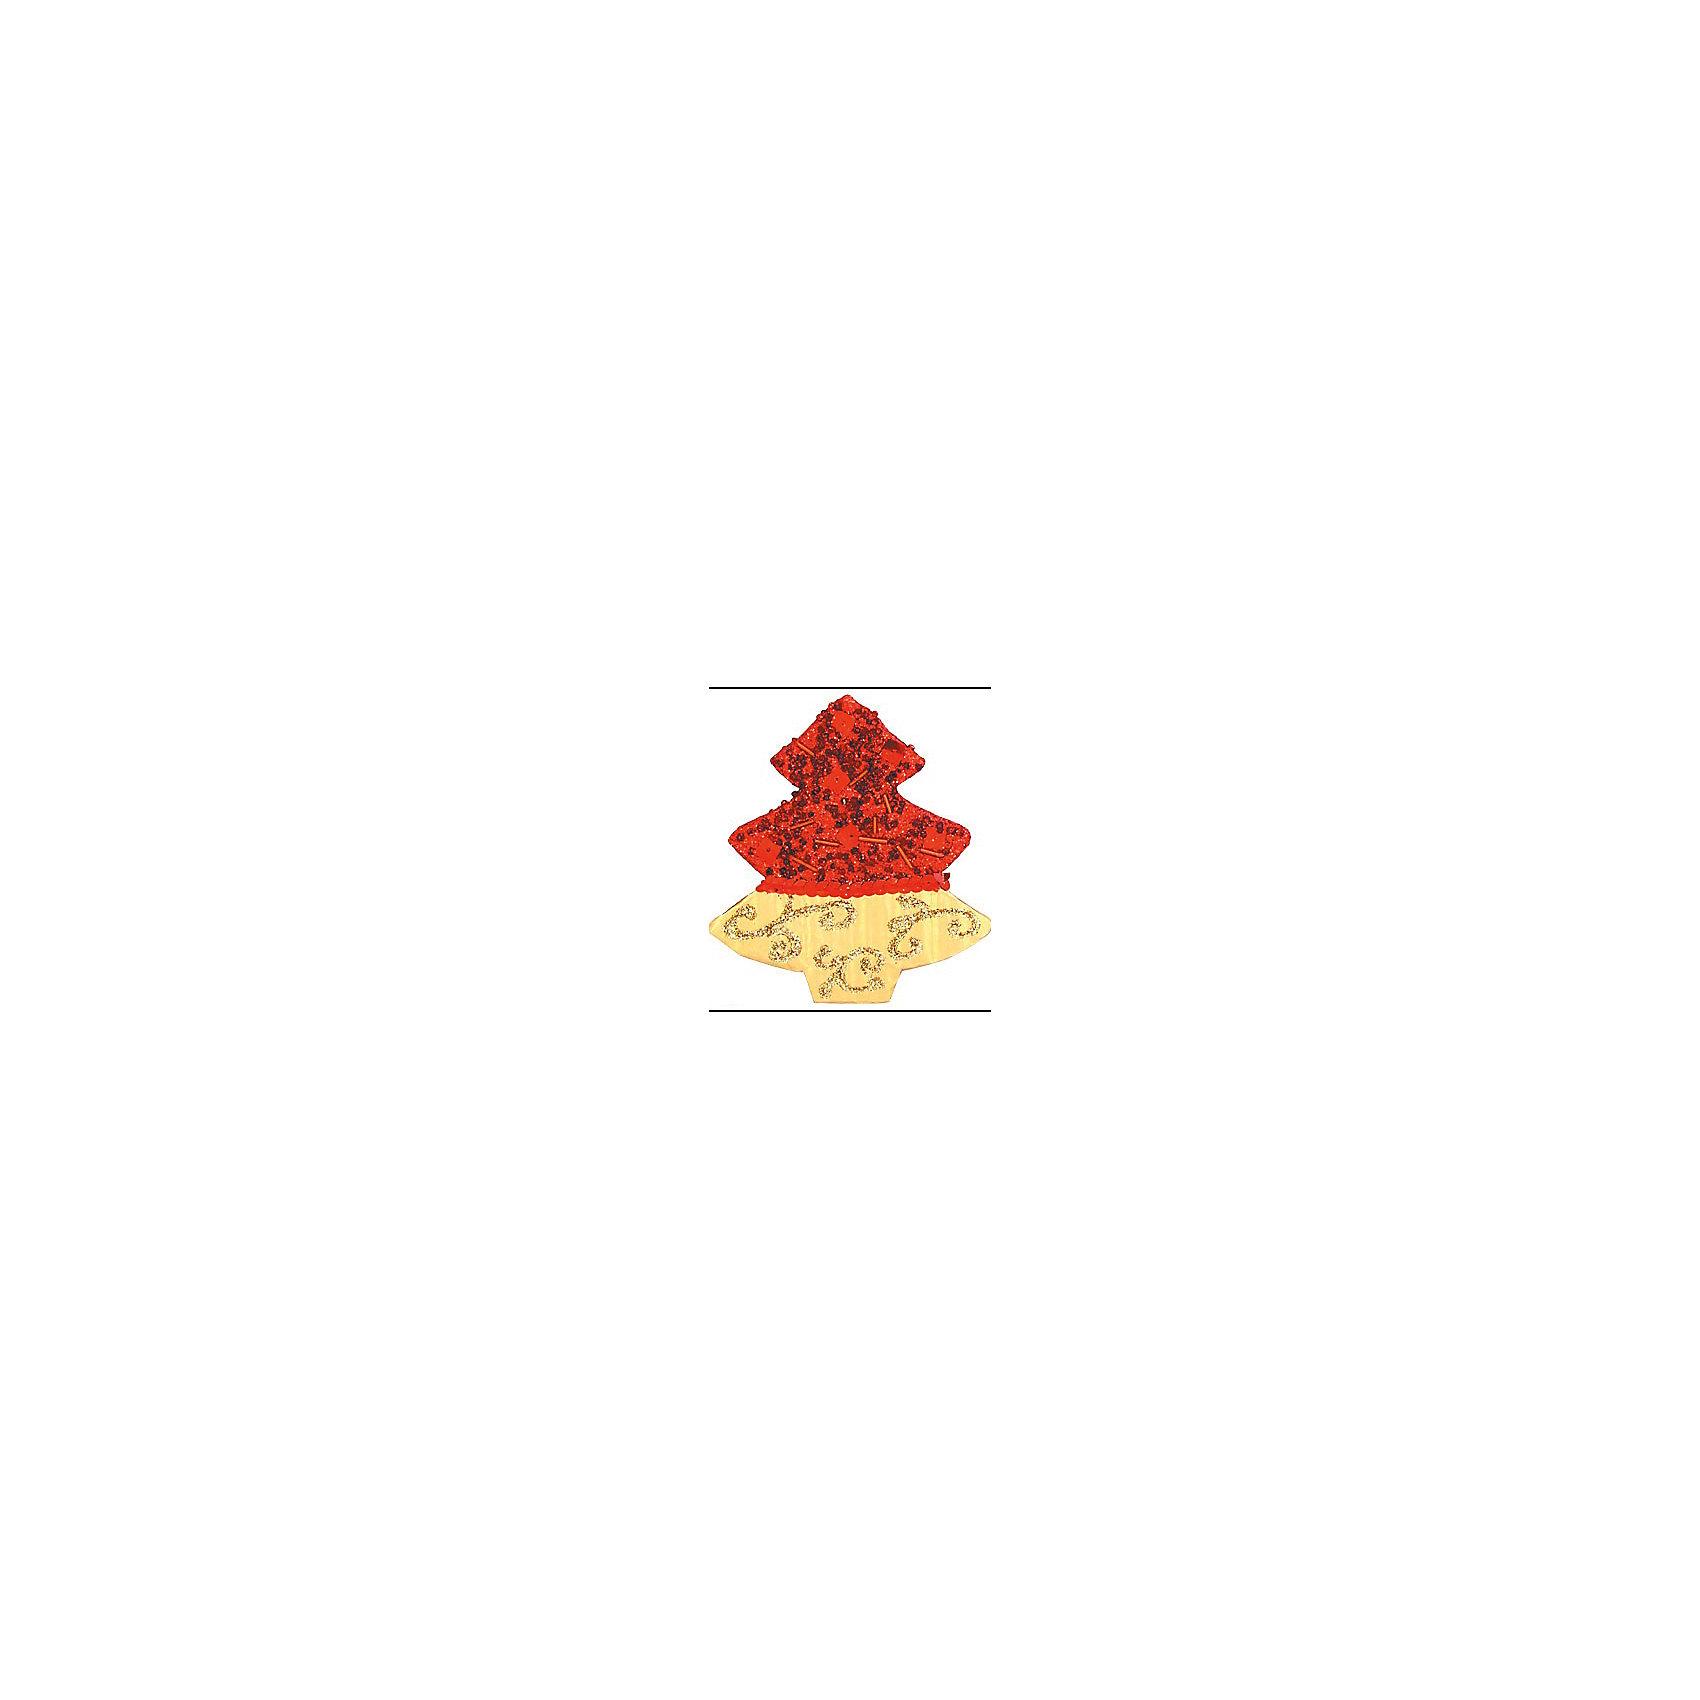 Marko Ferenzo Красное с золотым украшение Елочка 11 см marko ferenzo набор желудей 3 шт grande 4 см золотой